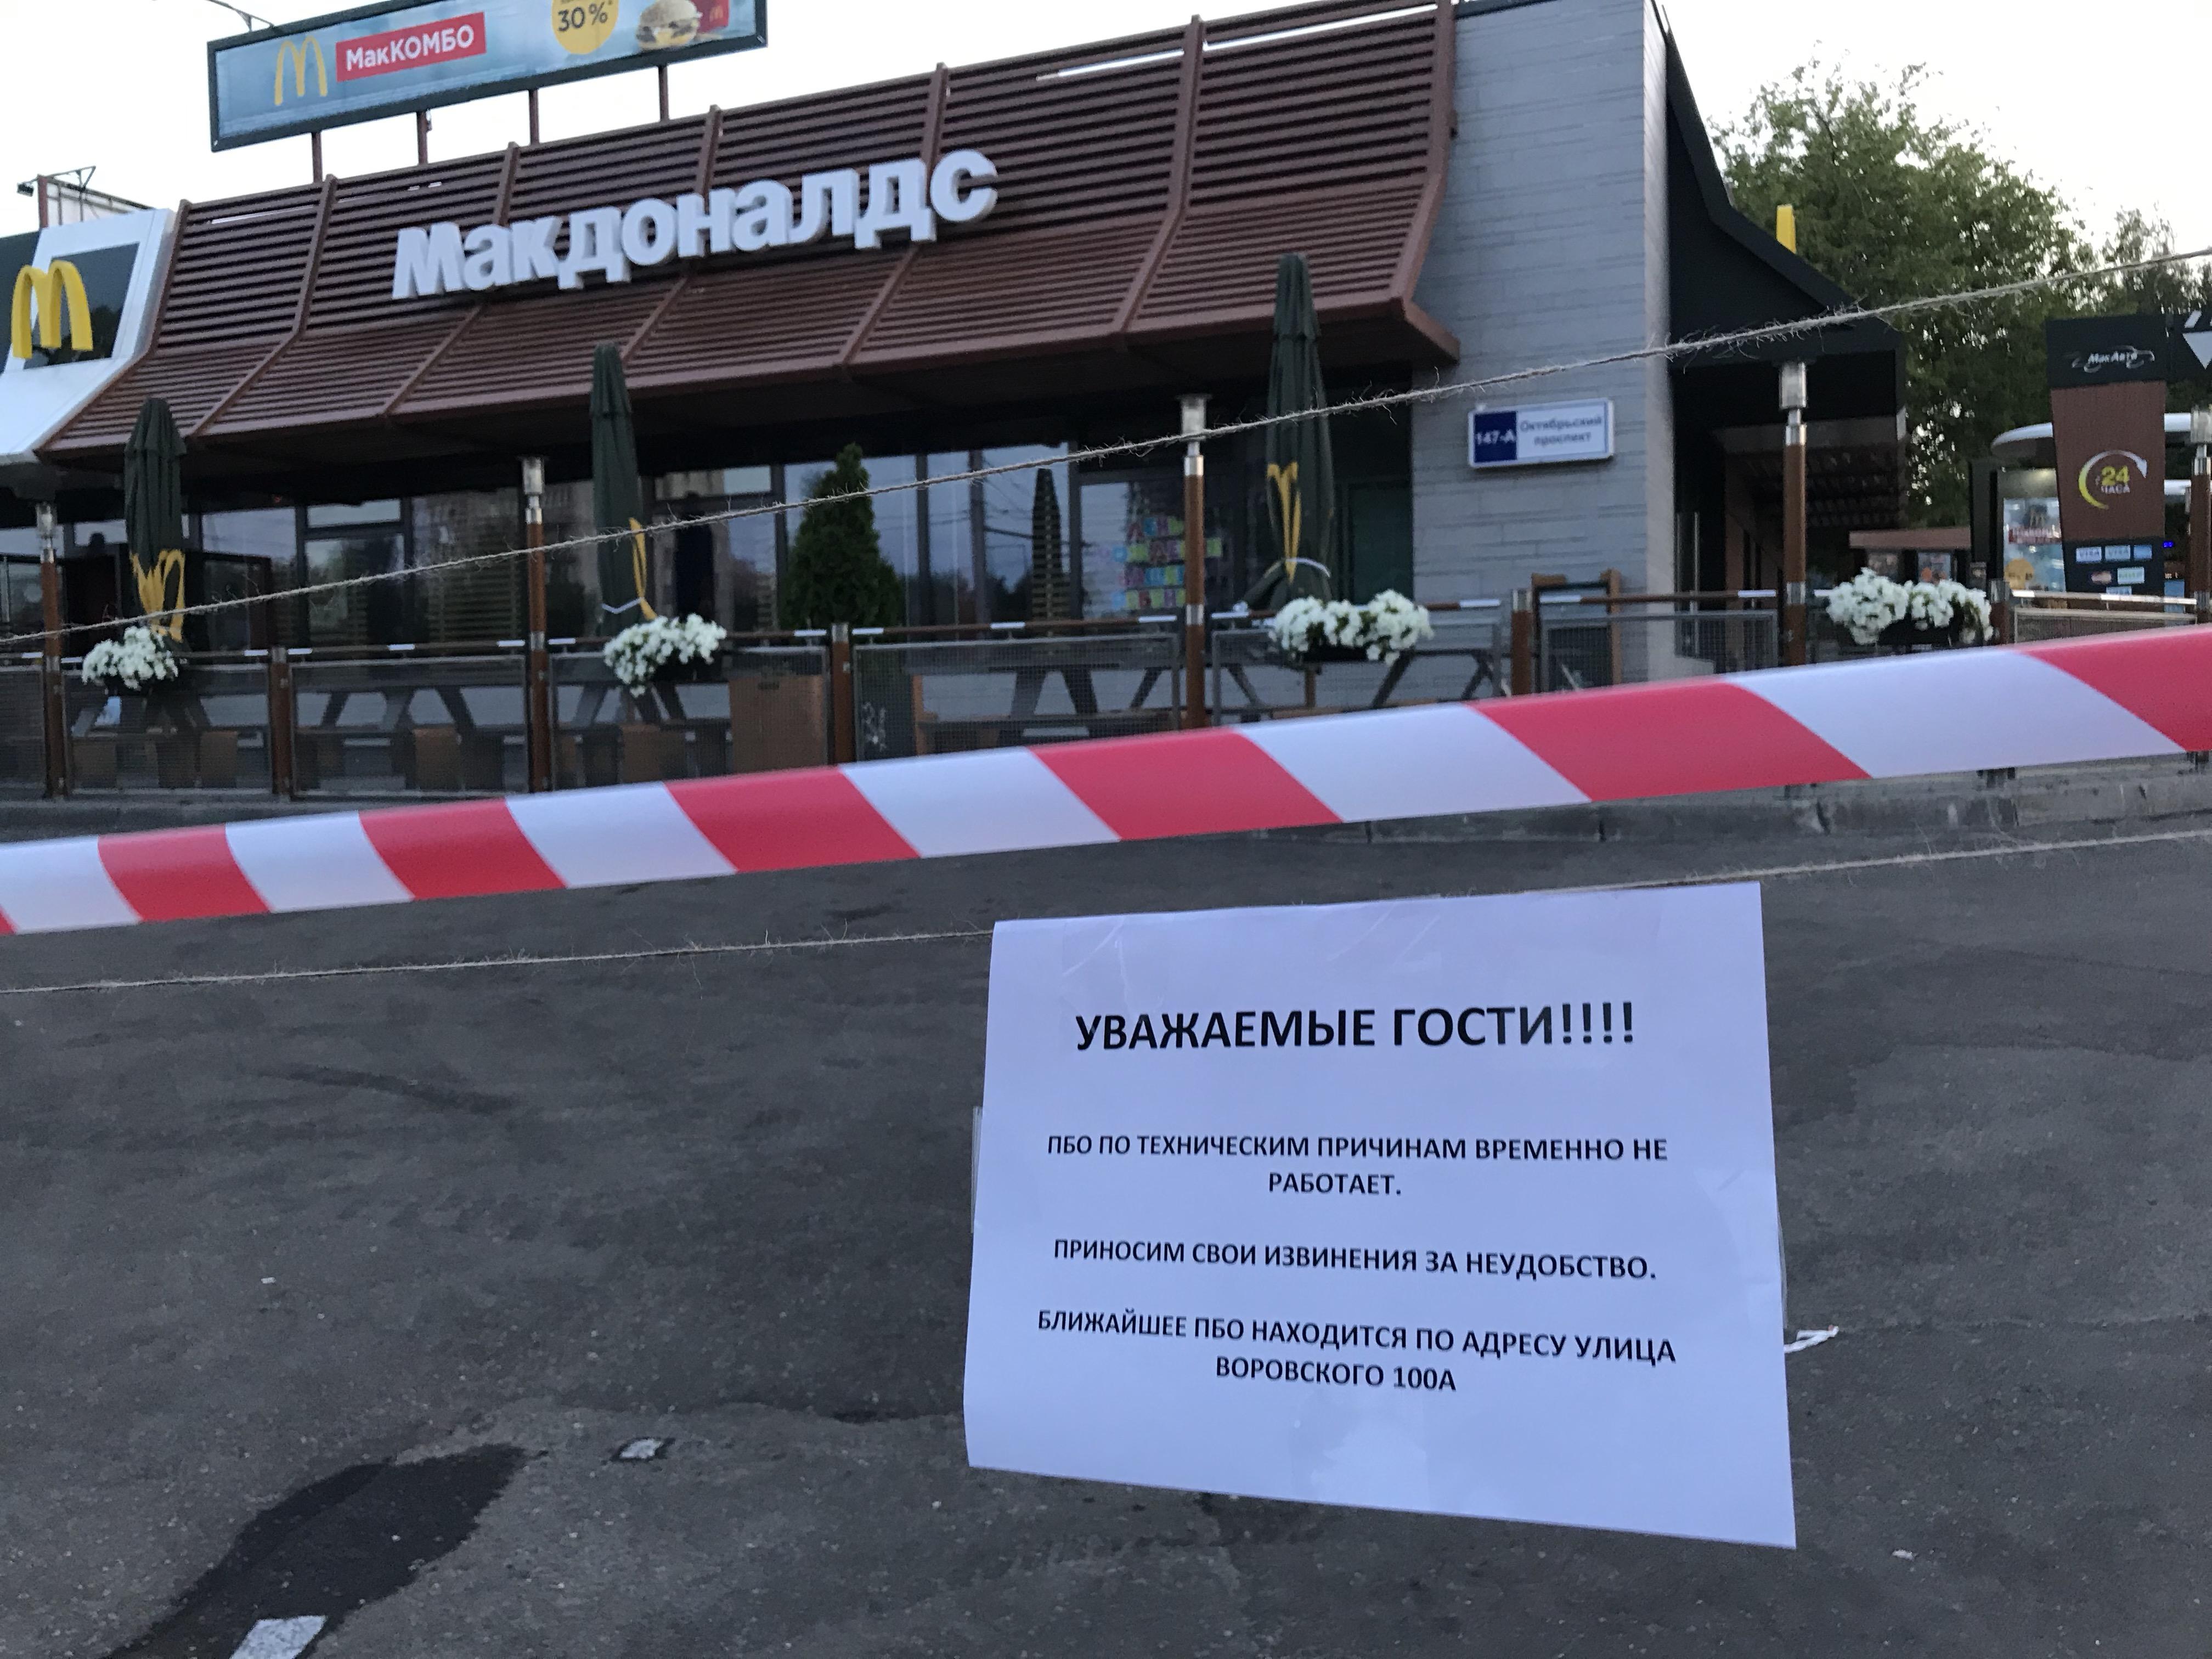 Из горящего в Кирове «Макдональдса» эвакуировали 50 человек